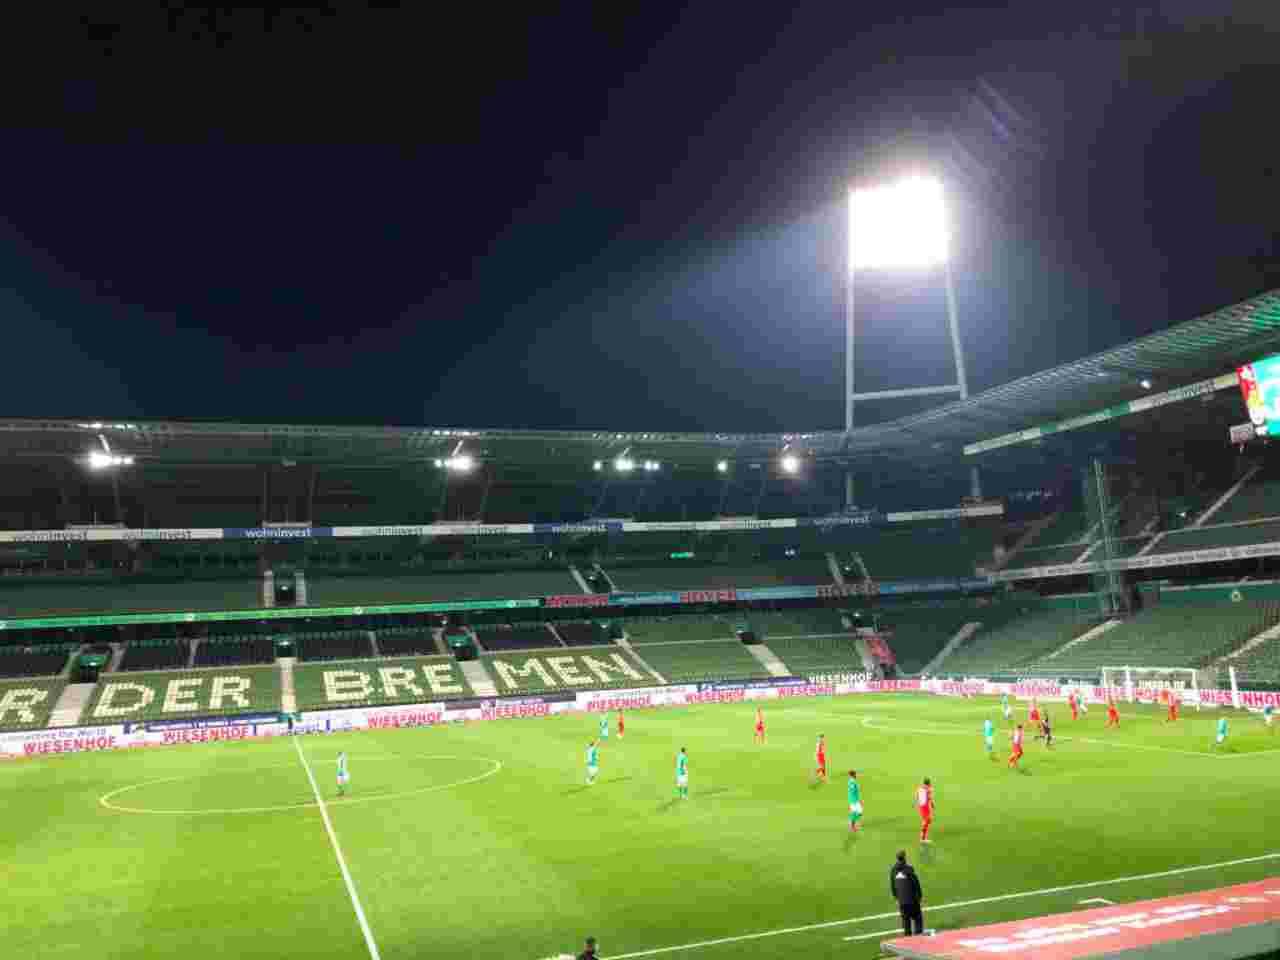 Il fattore campo senza tifosi: lo studio sul calcio a porte chiuse